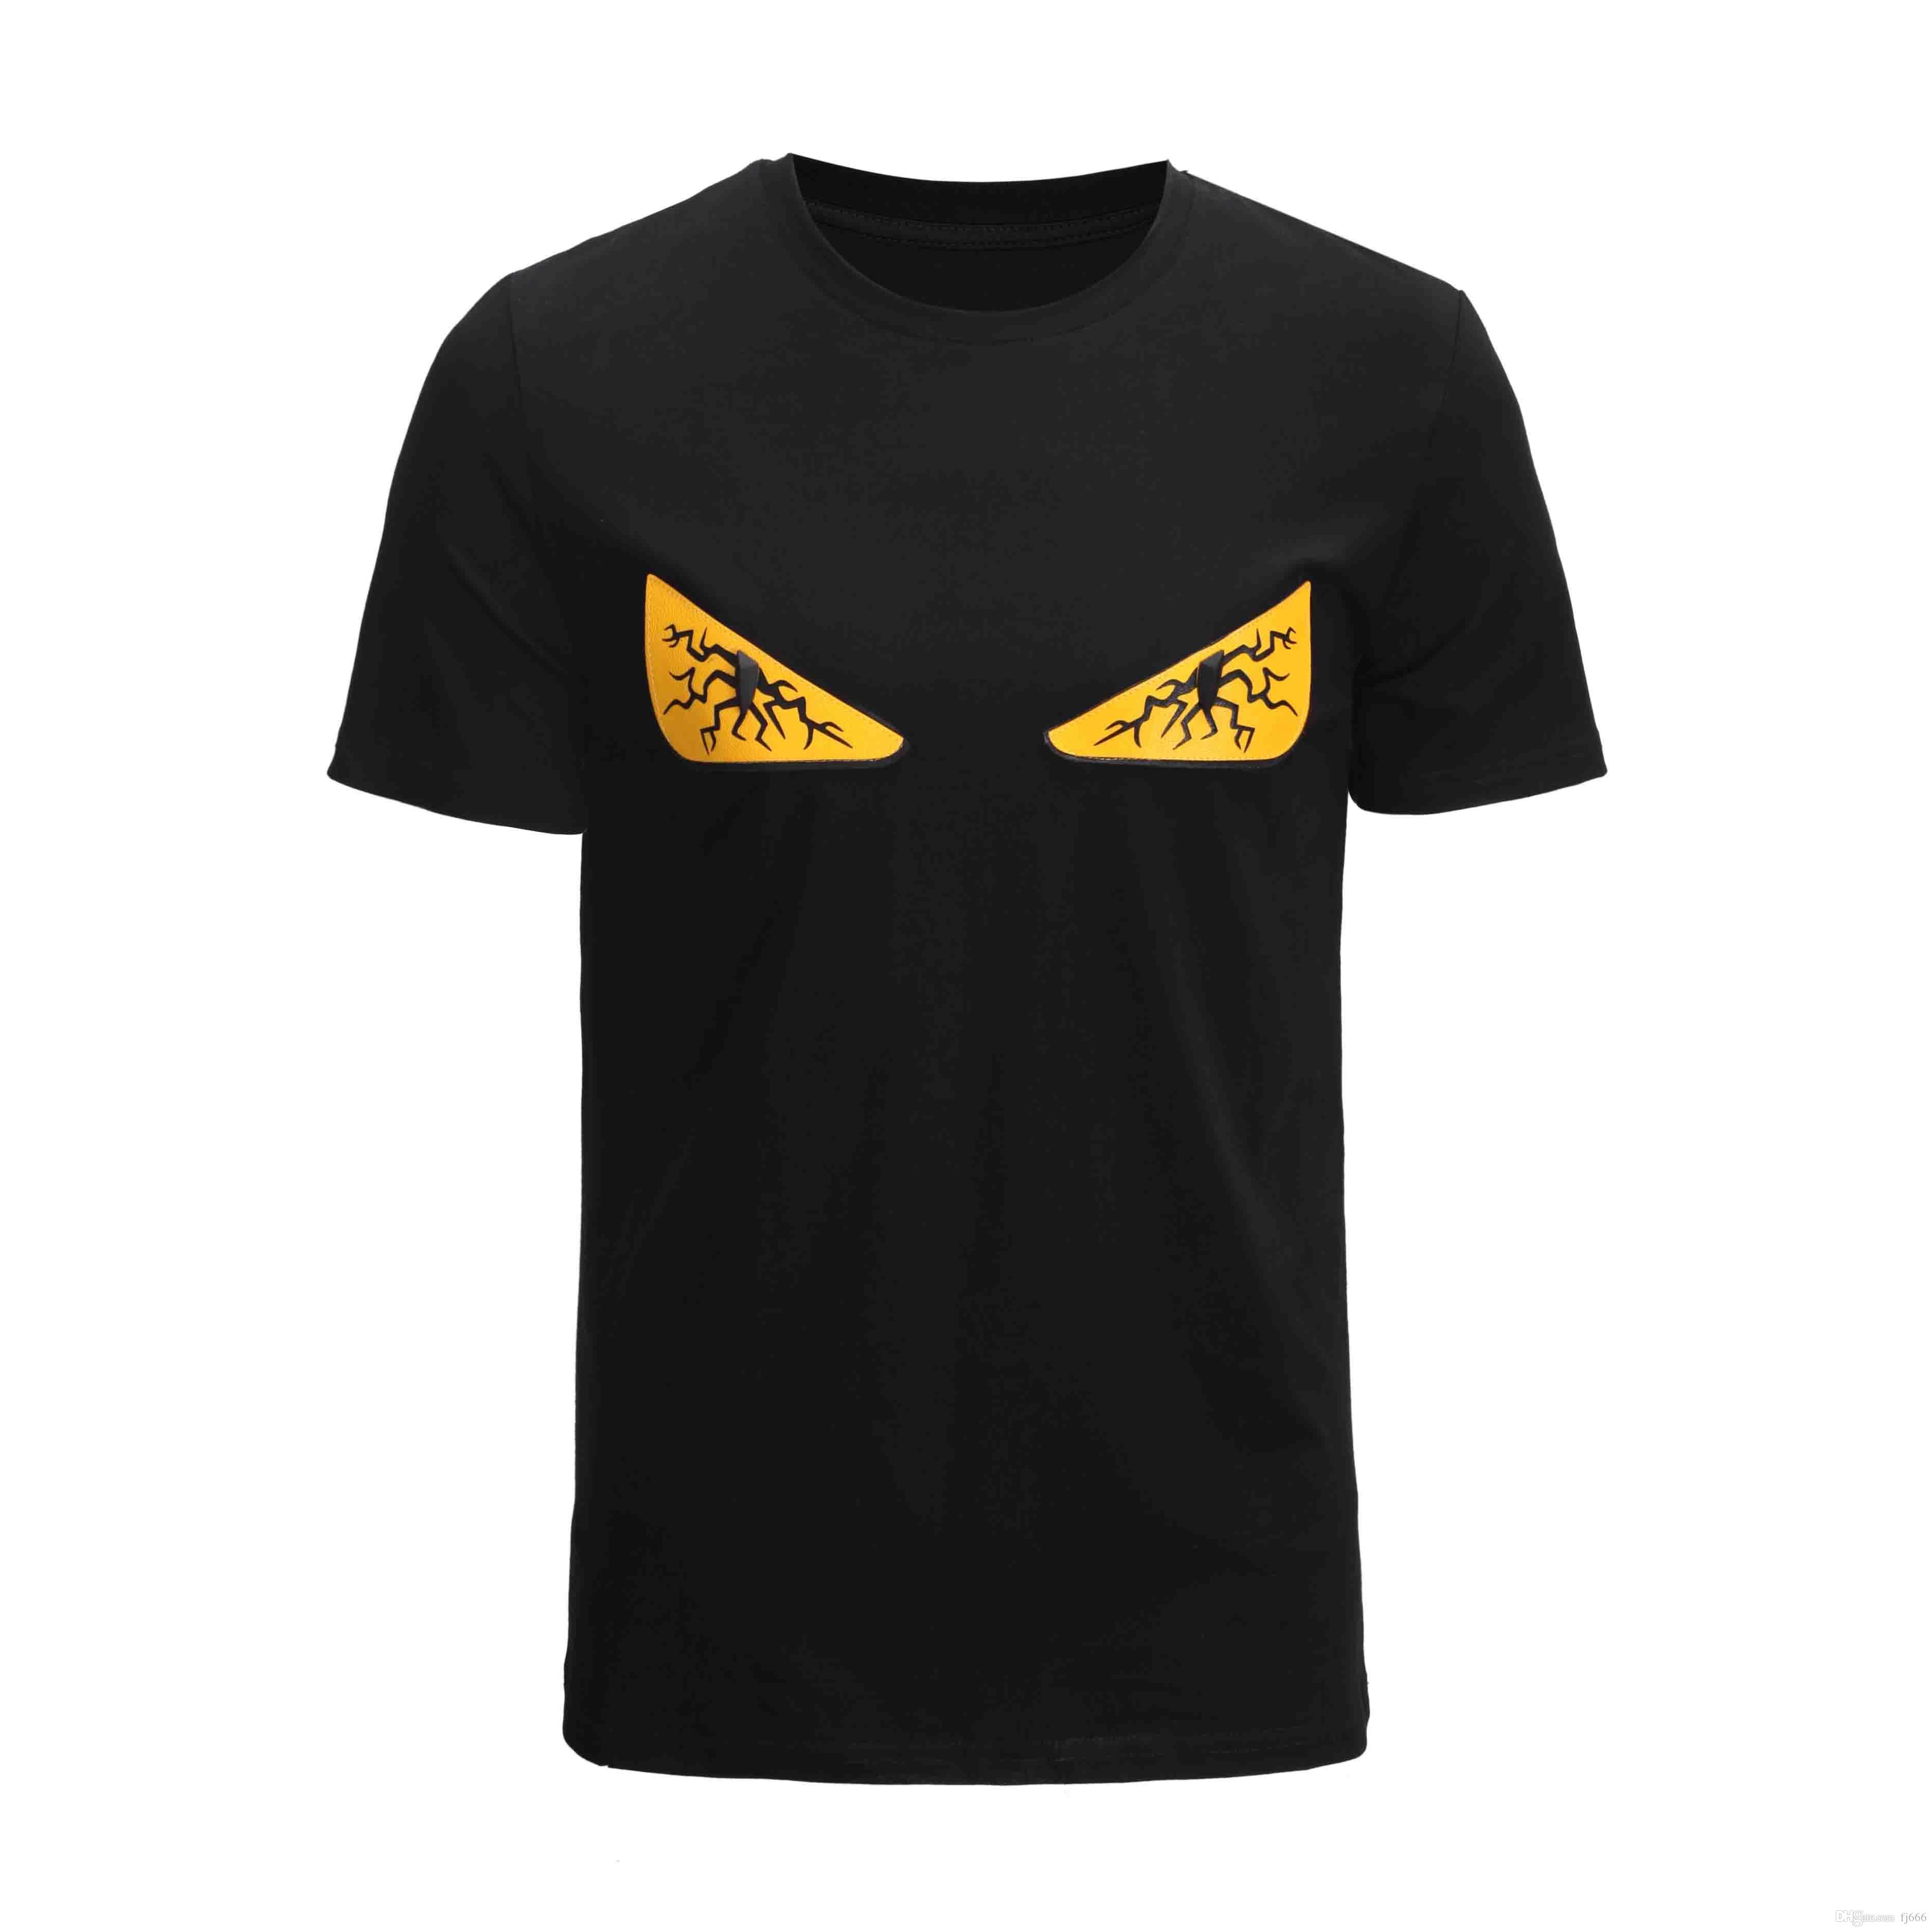 Tee-shirts pour hommes T-shirts femme Nouvel été T-shirt à manches courtes T-shirt à manches courtes pour hommes